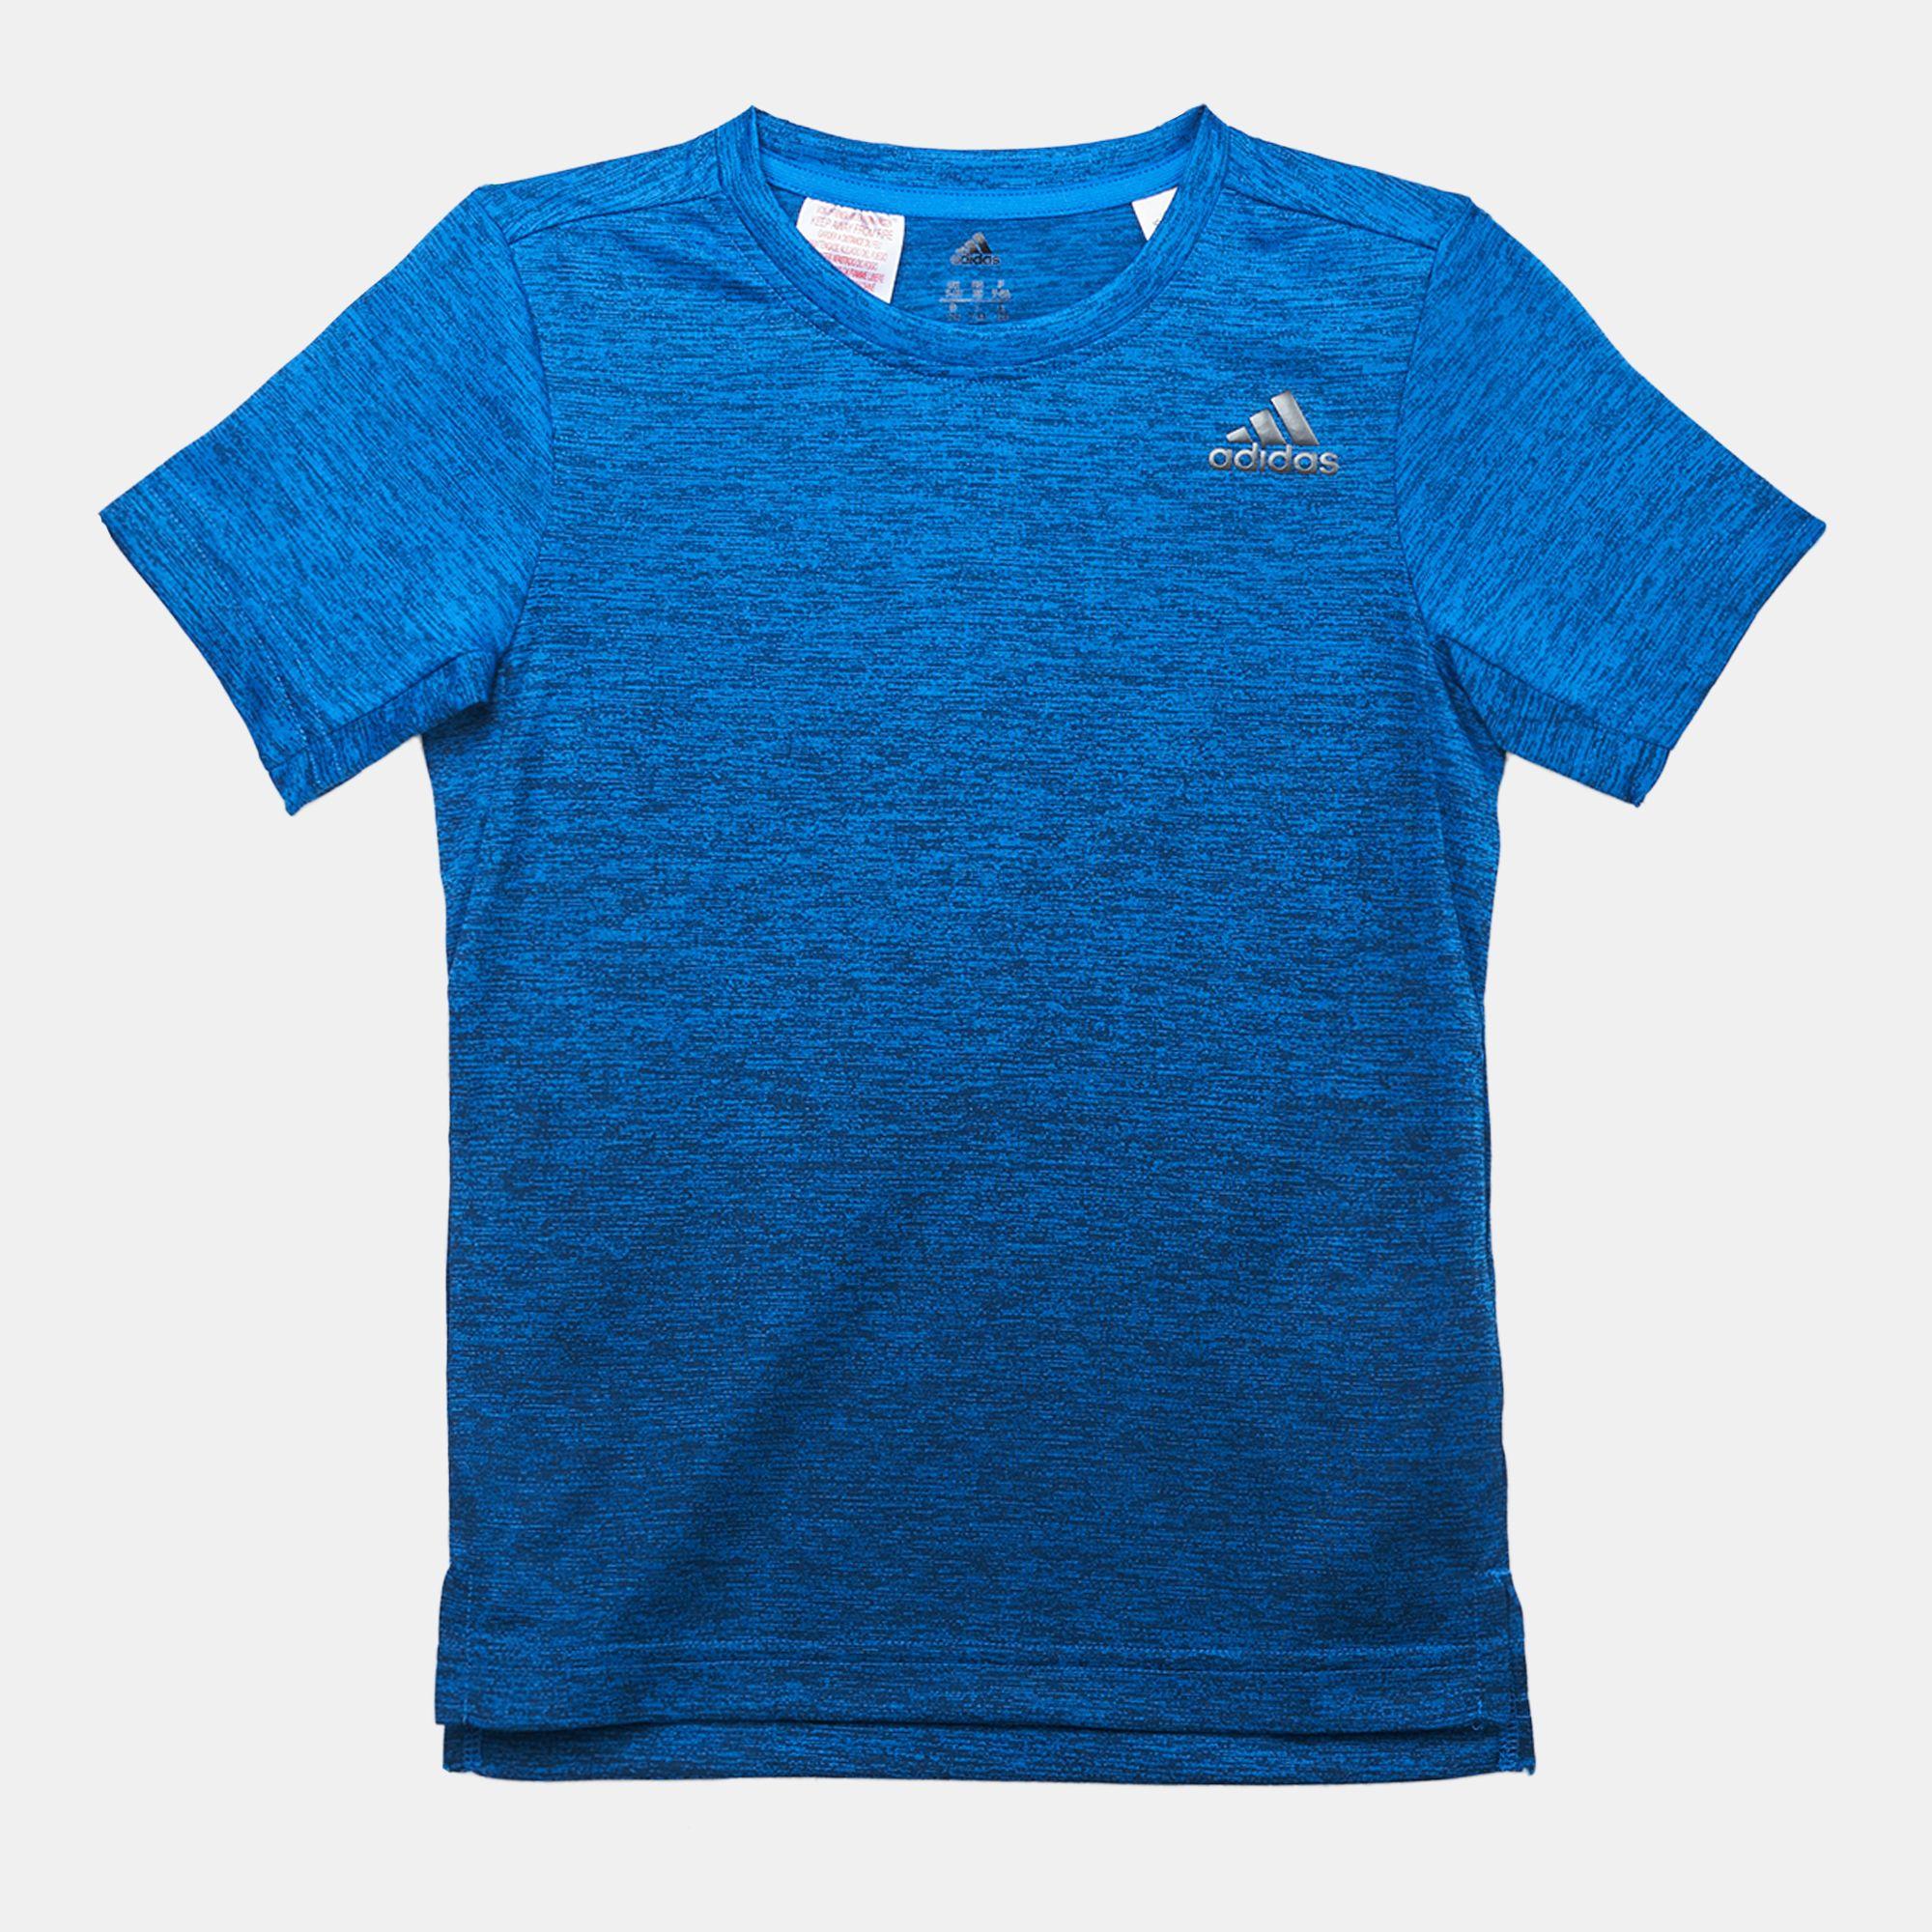 Negozio Gradiente Per Bambini Blue Adidas Gradiente Negozio Della T - Shirt Per I Bambini Dall'adidas dfa2a9